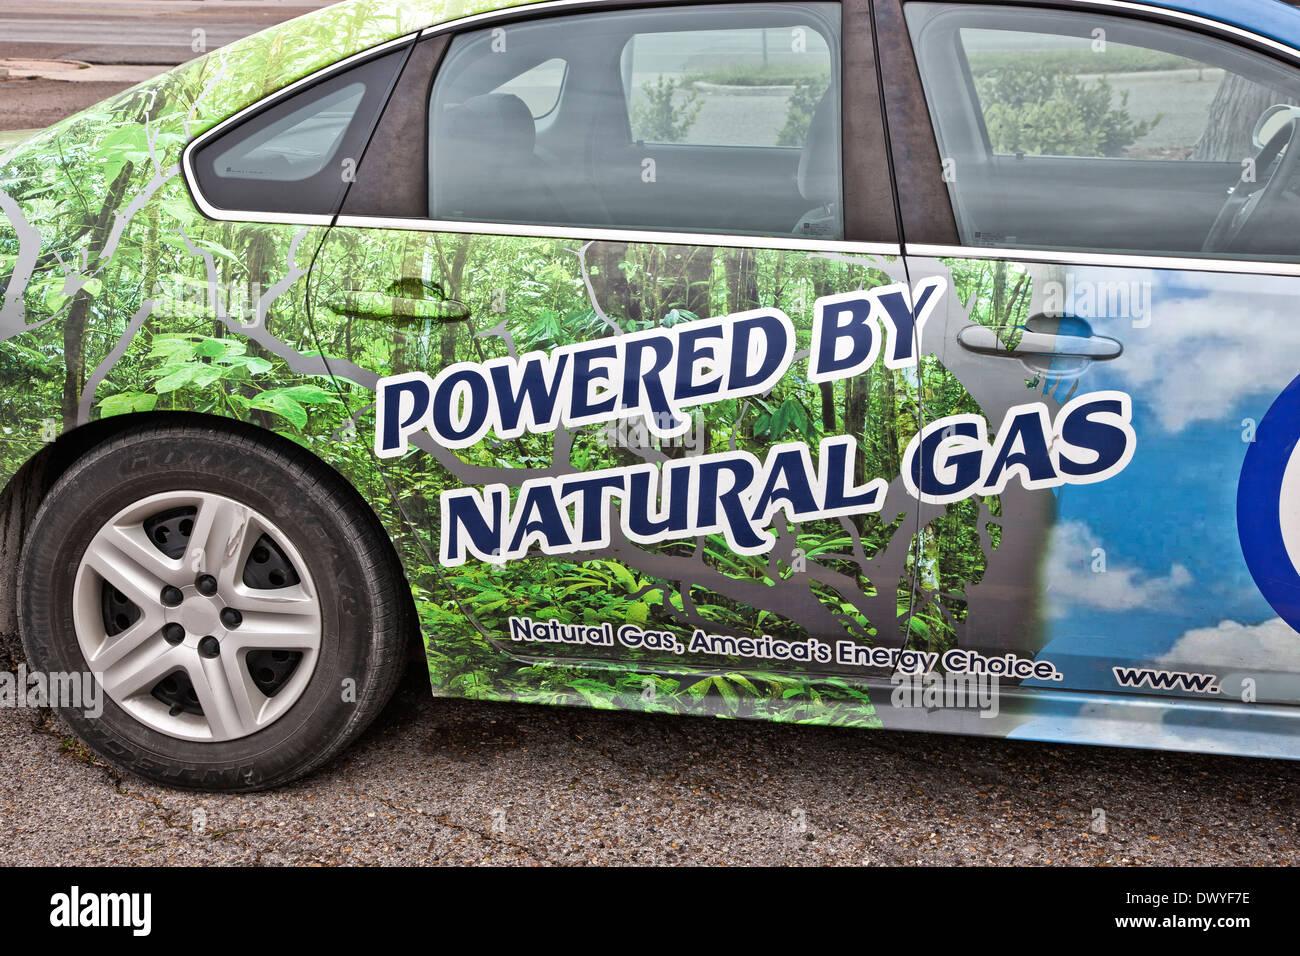 Automobil mit komprimiertem Erdgas betrieben. Stockbild